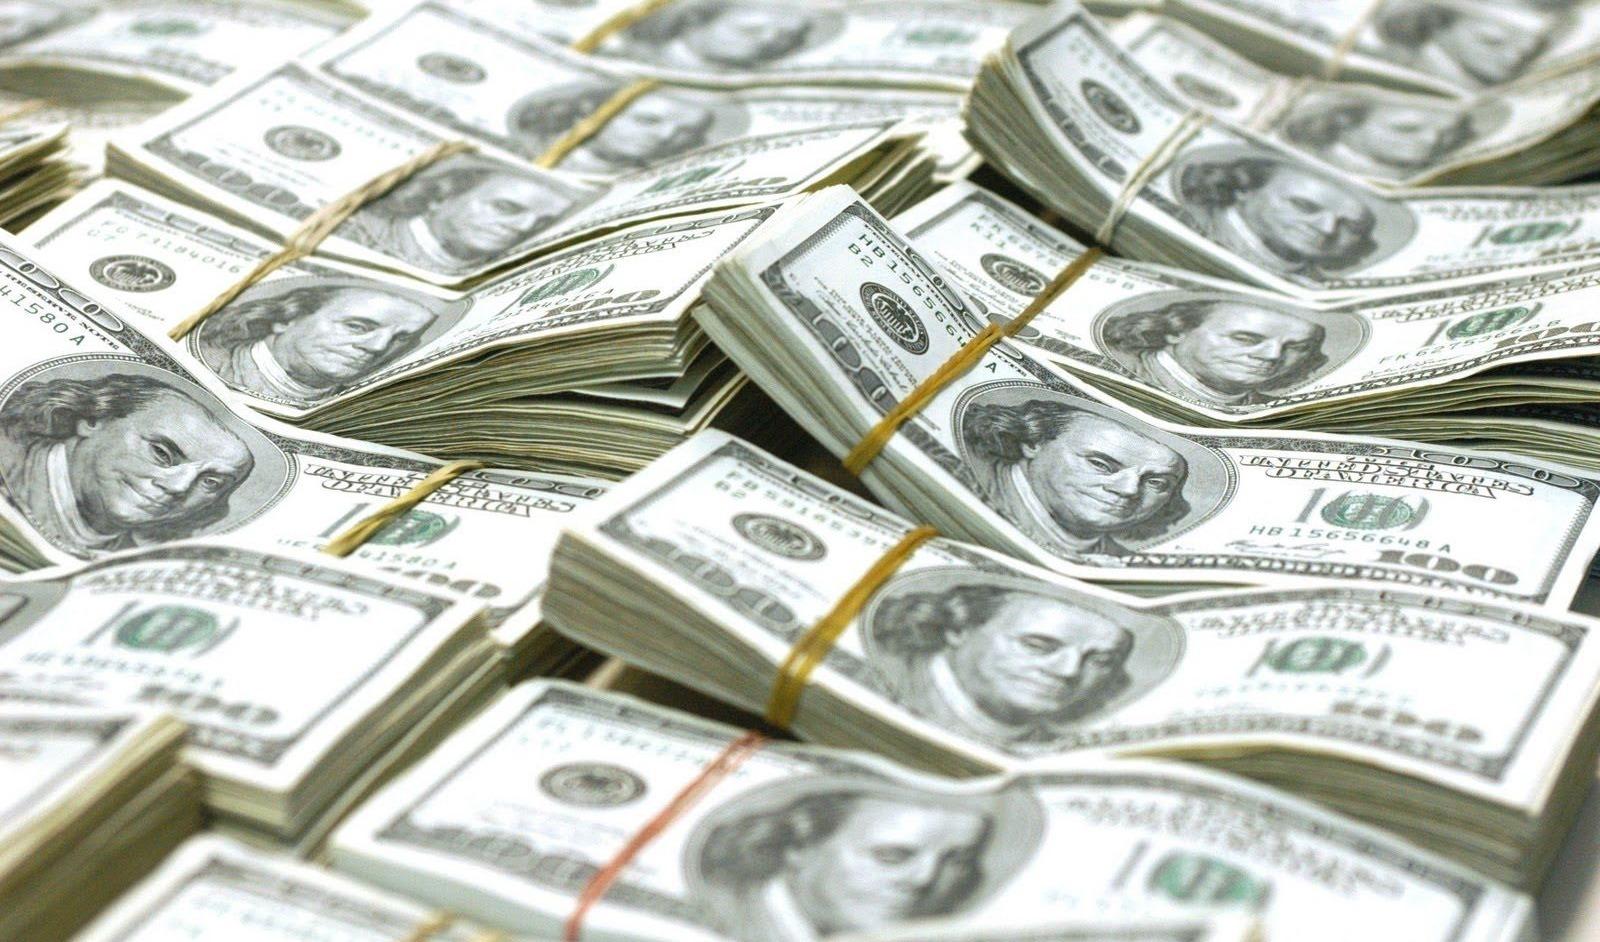 الدولار يسجل أعلى سعر 18.17 في تعاملات اليوم الأربعاء 14-6-2017